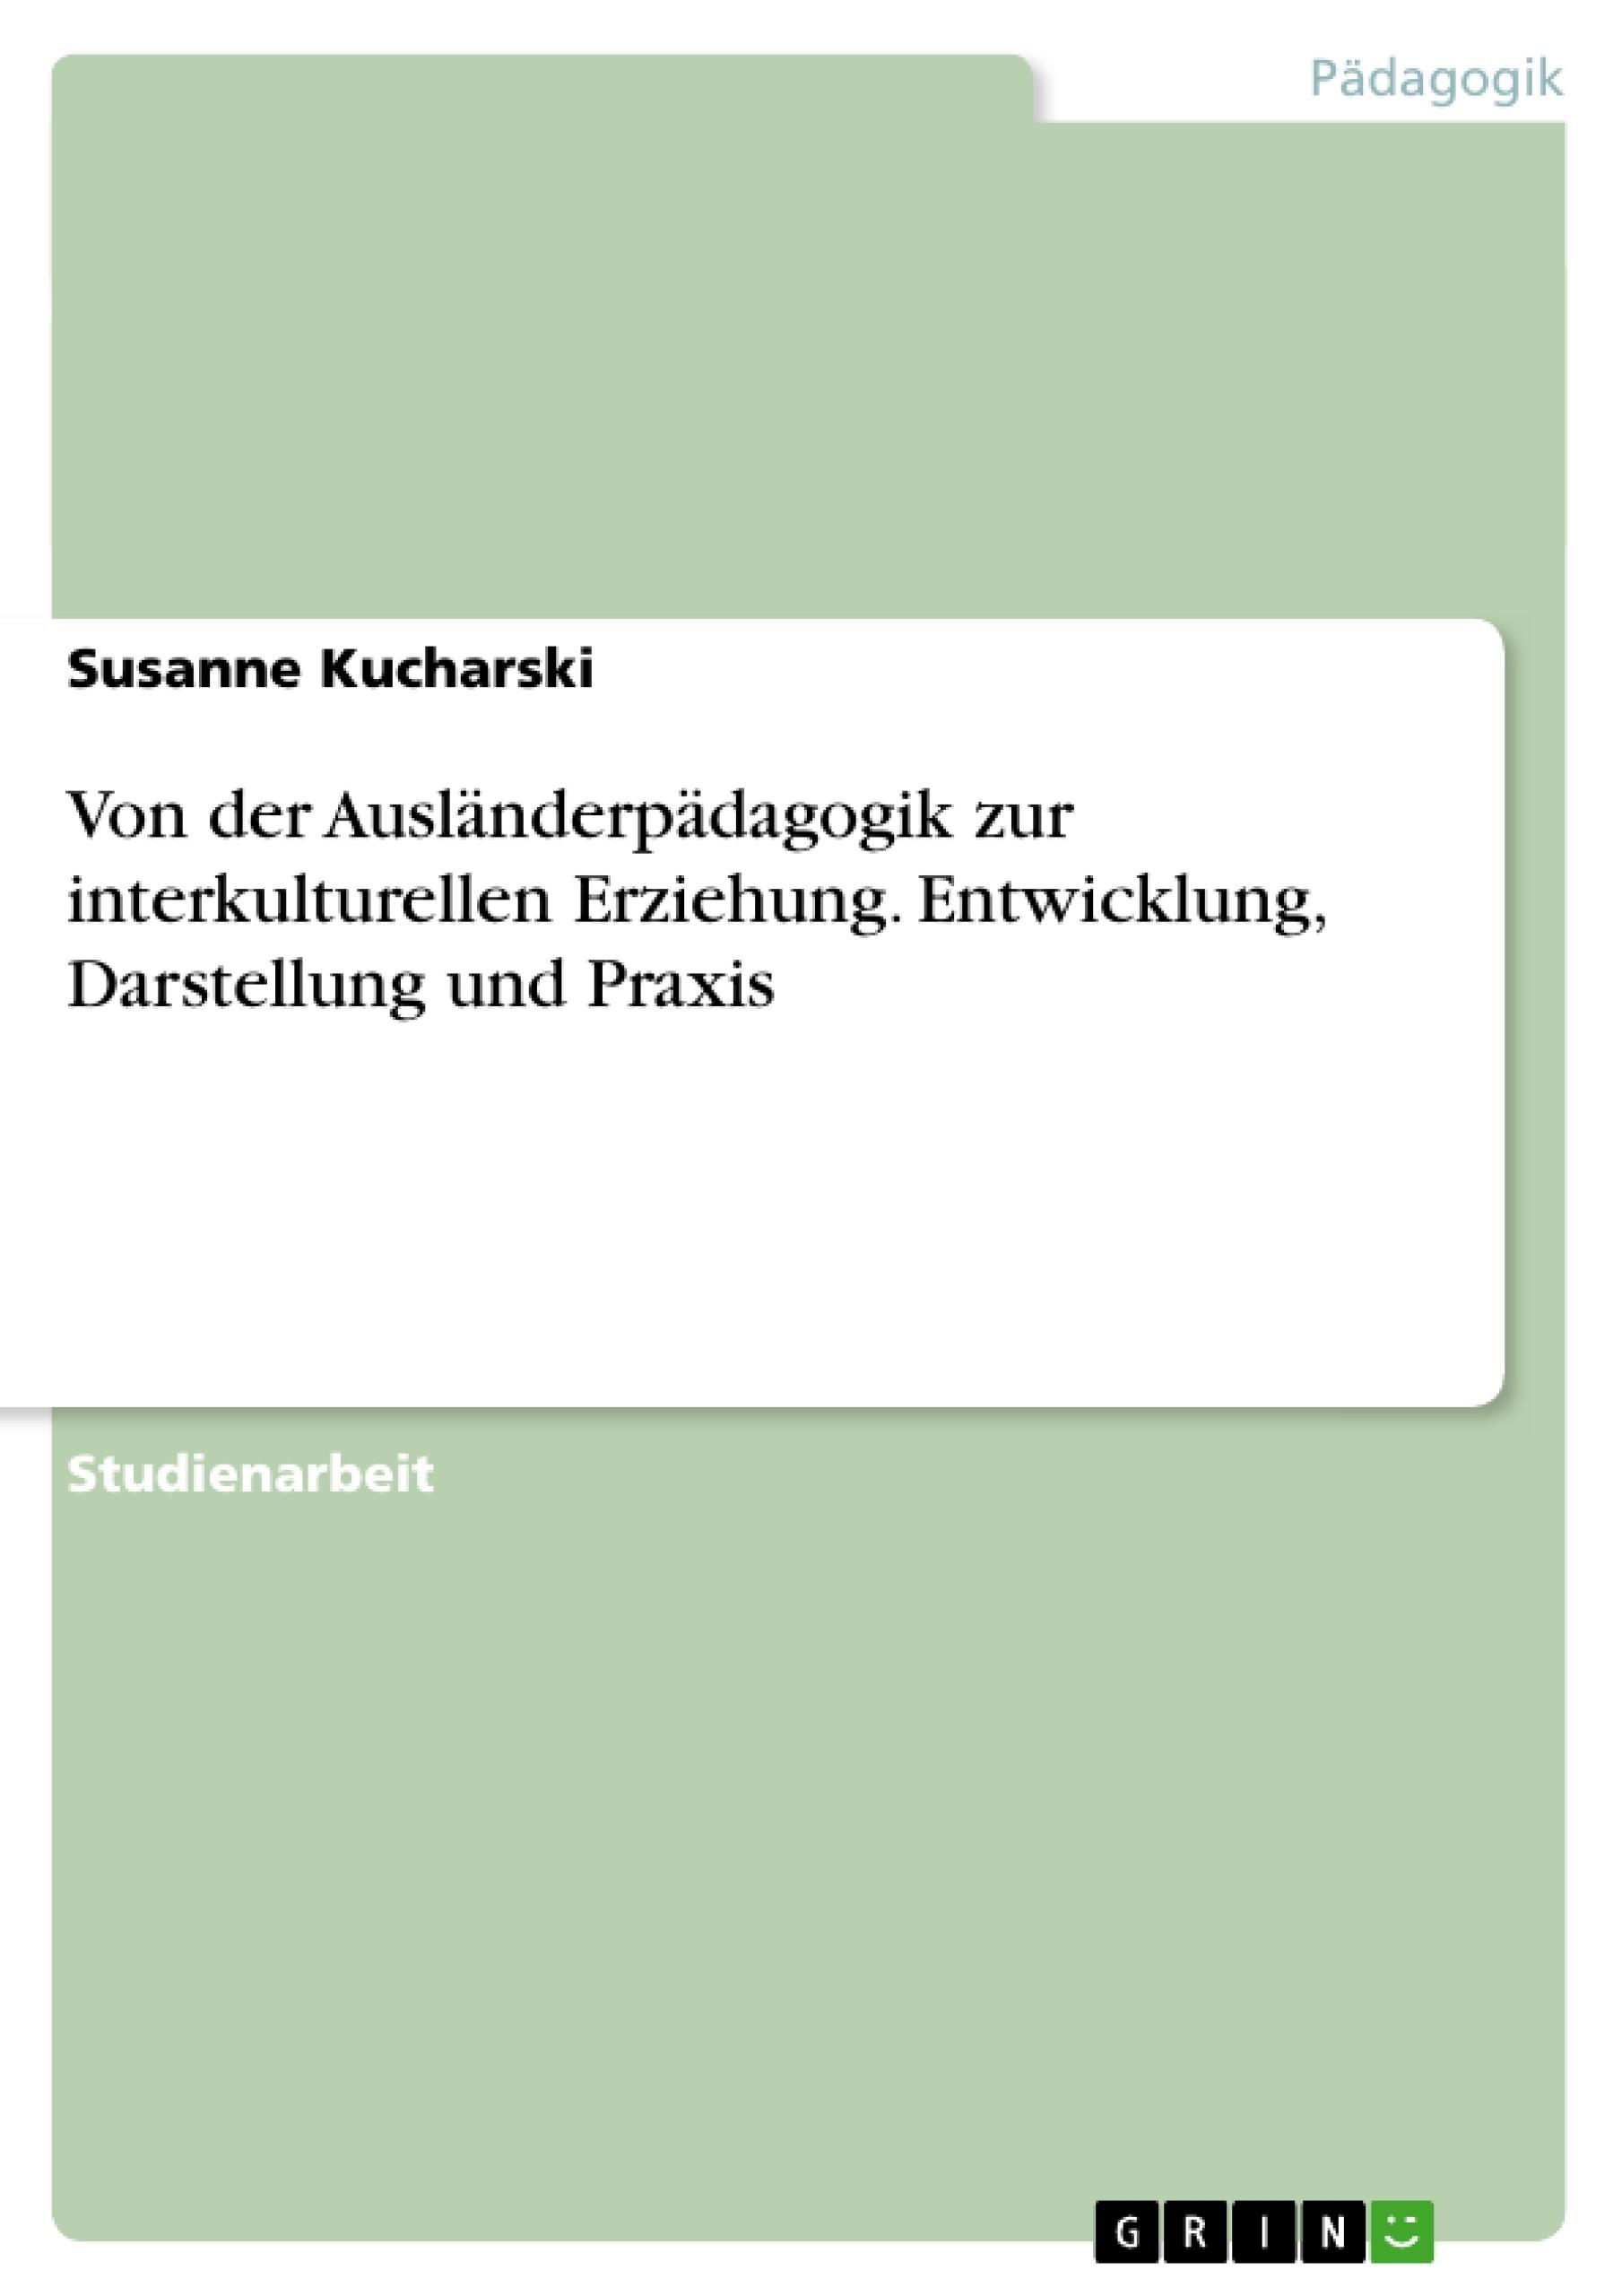 Titel: Von der Ausländerpädagogik zur interkulturellen Erziehung. Entwicklung,  Darstellung und Praxis